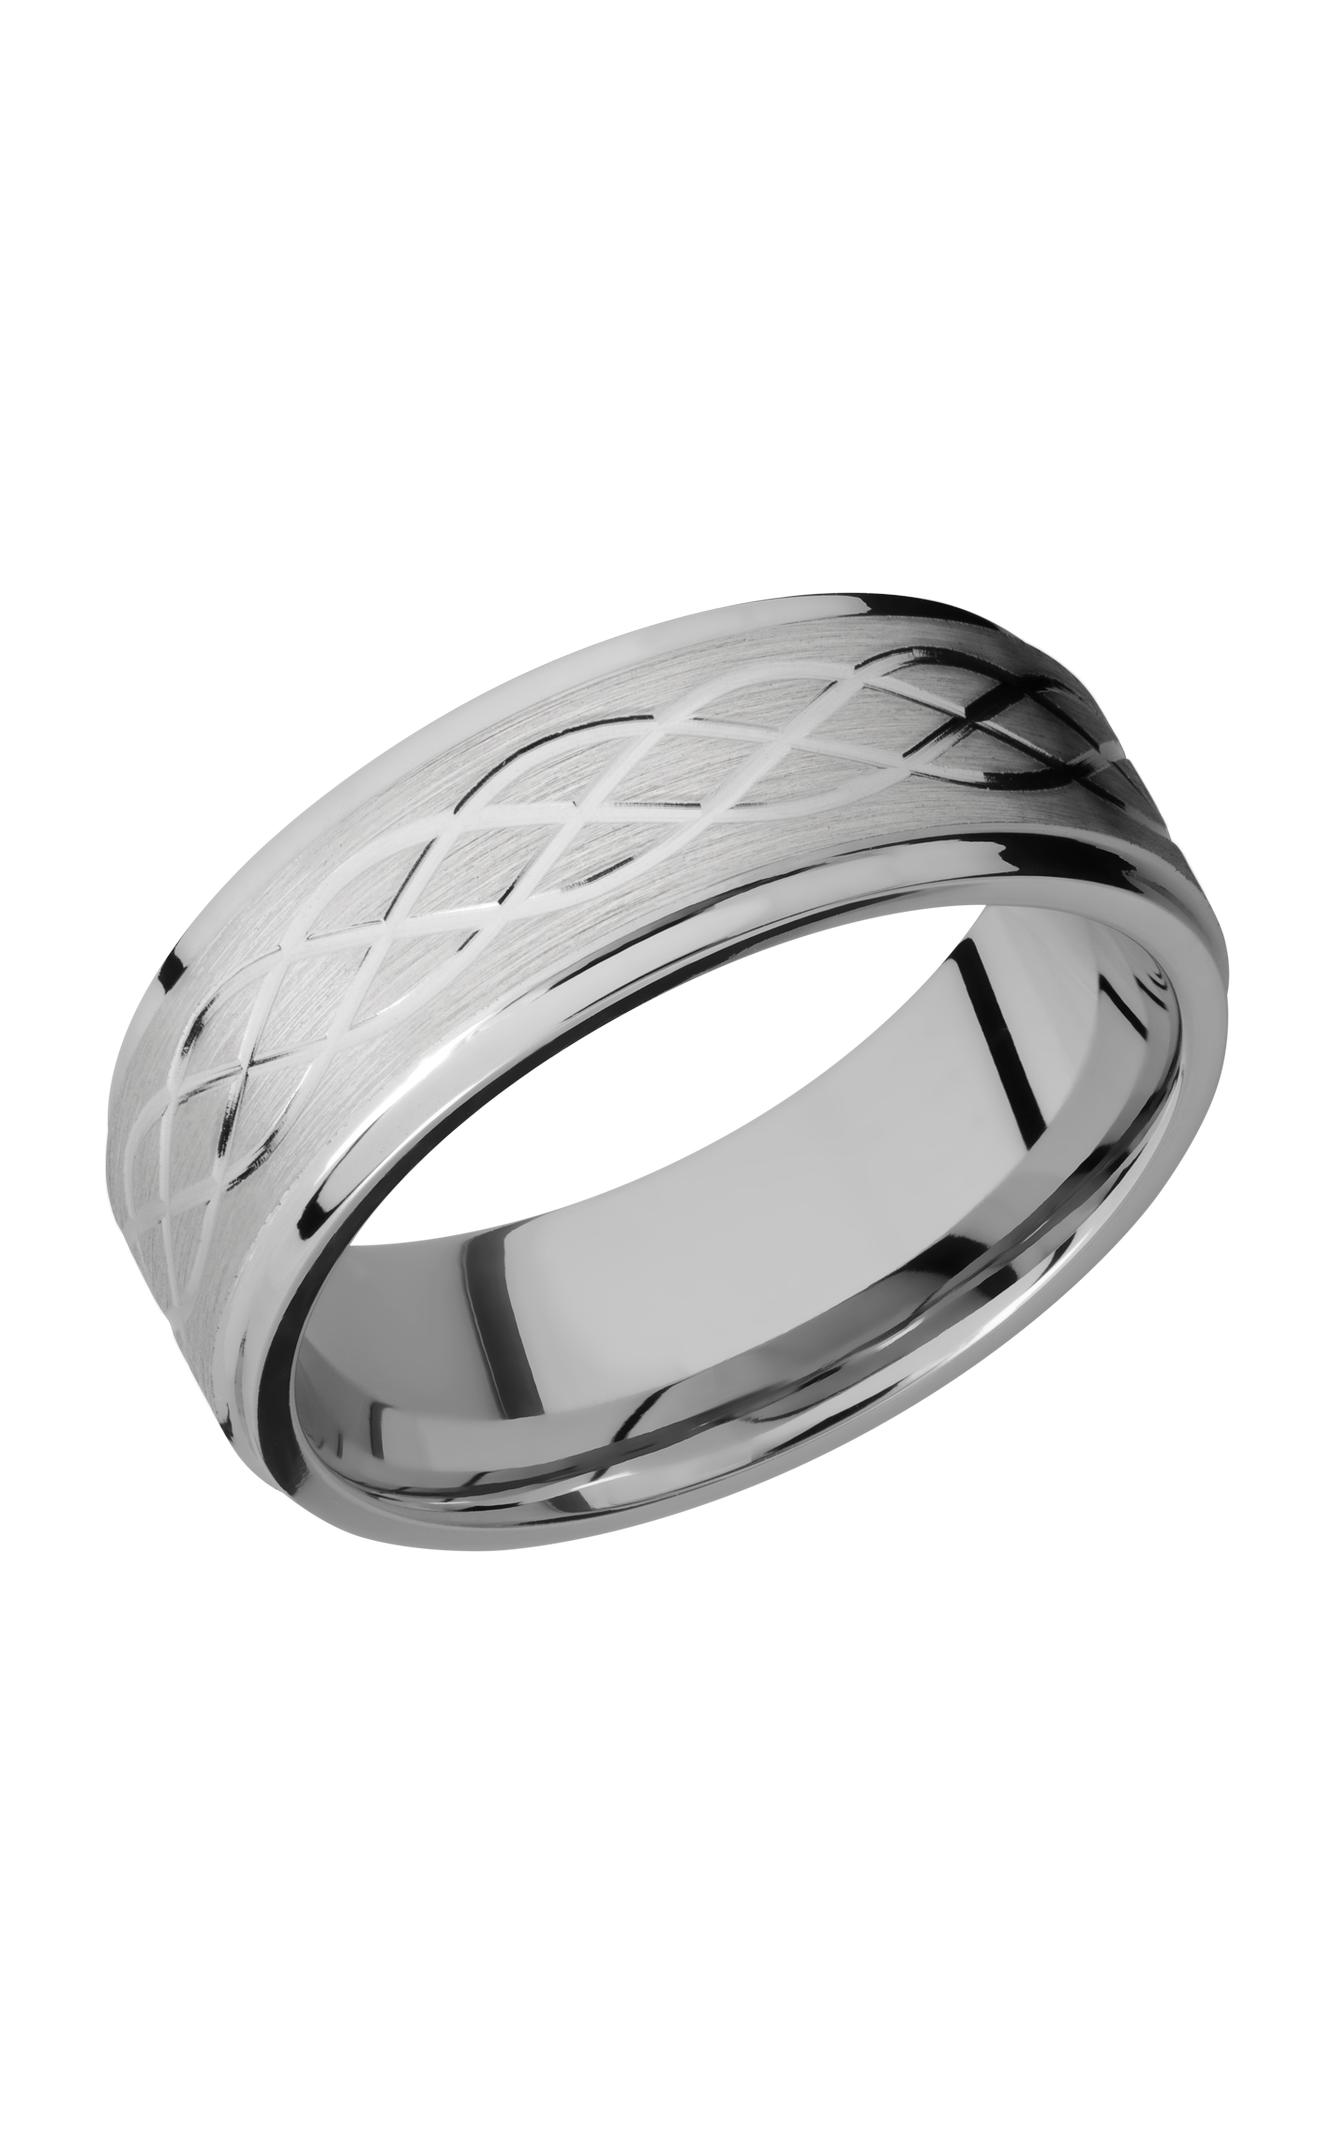 Lashbrook Titanium 8FGECELTIC6 product image